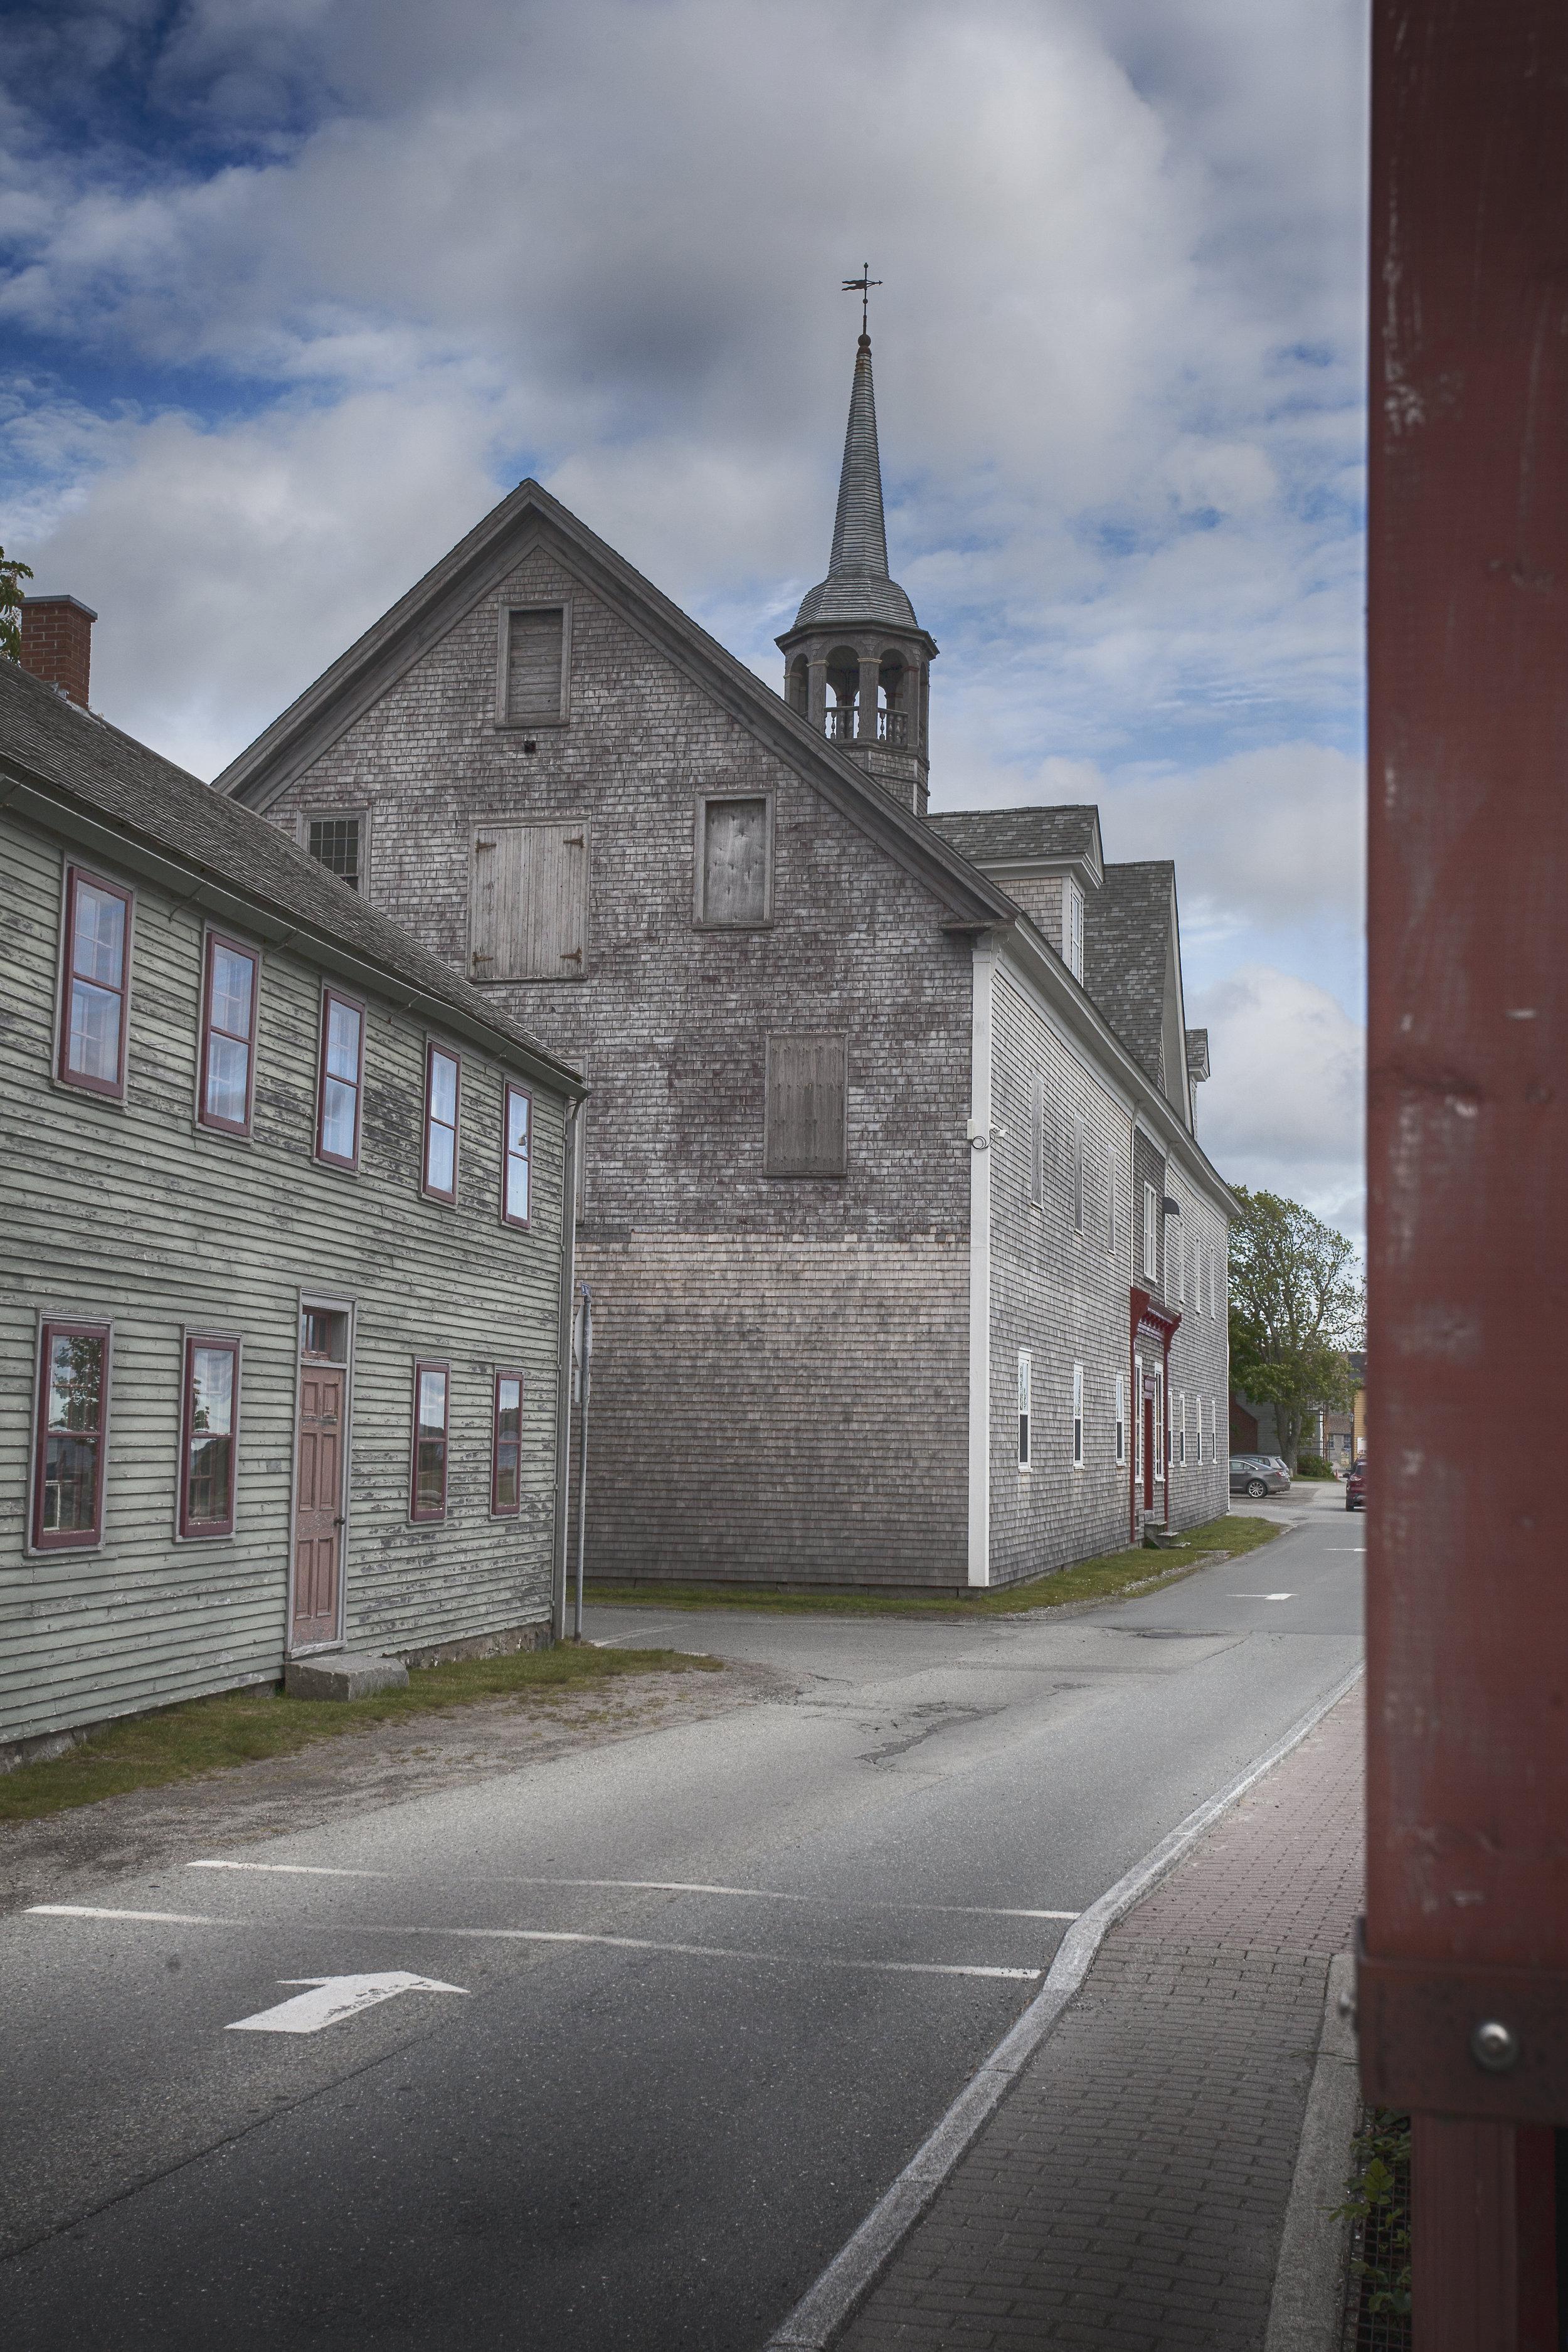 Shelburne Nova Scotia - Across the Blue Planet